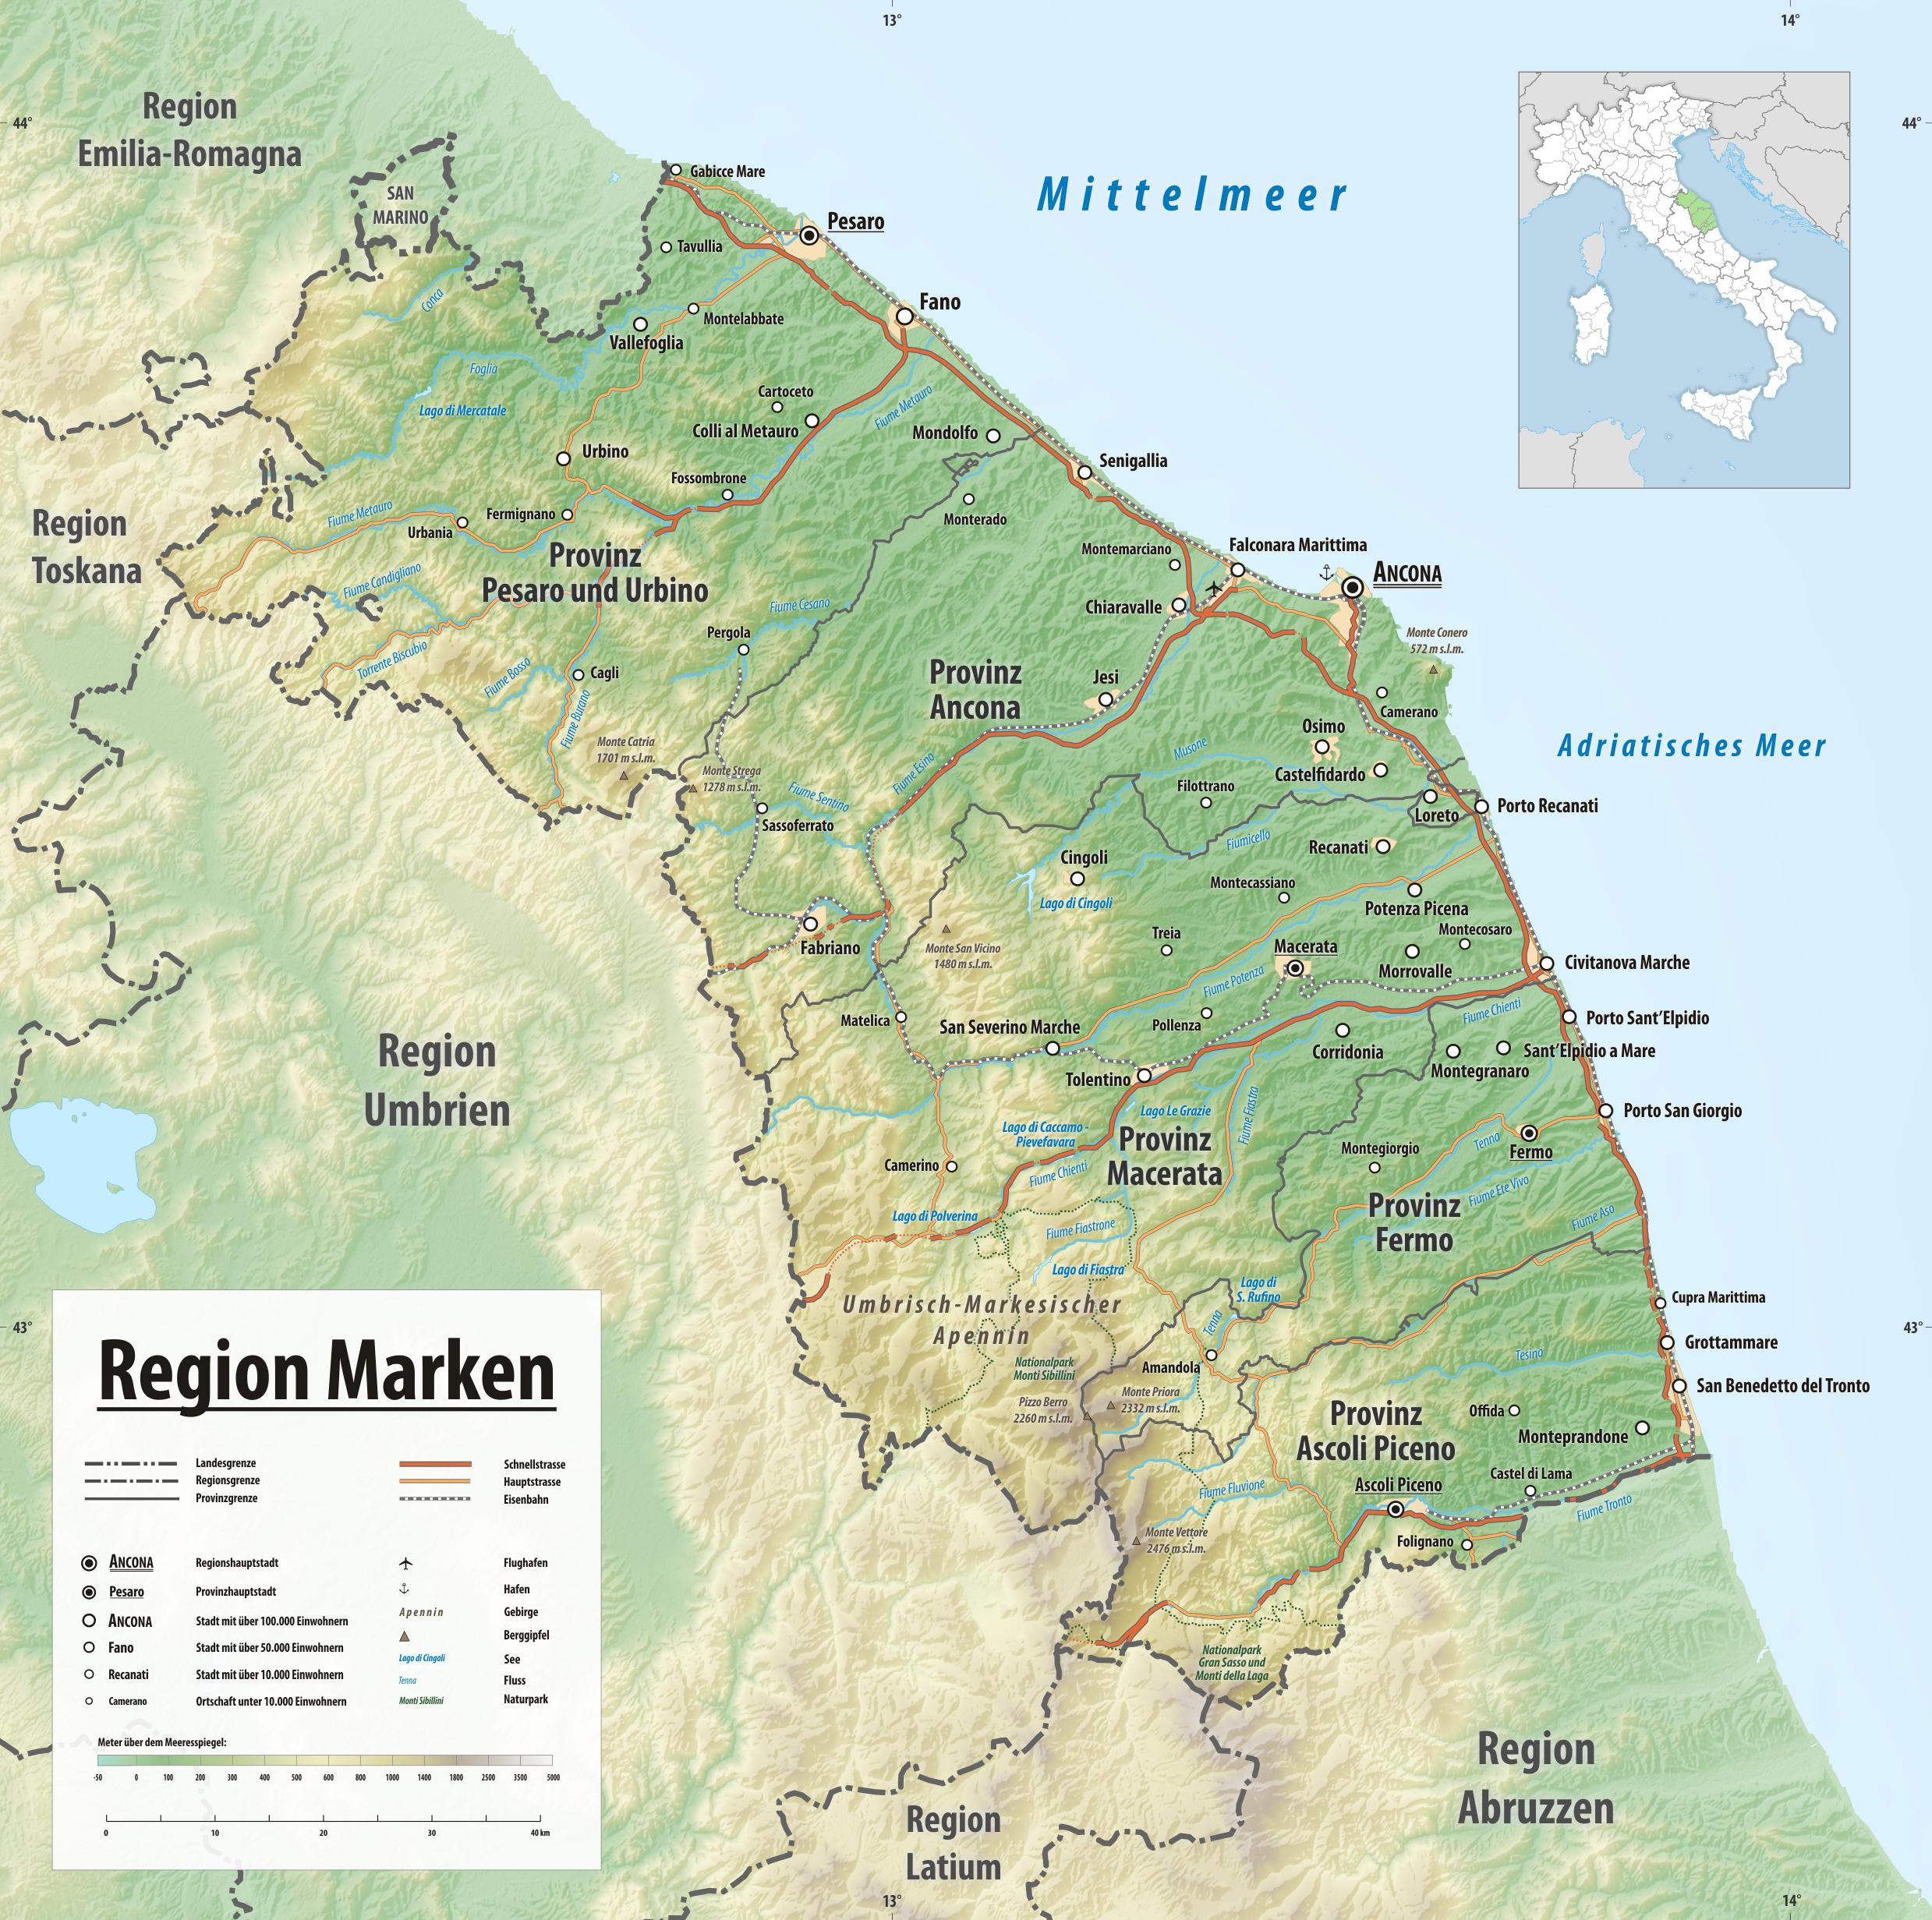 Reliefkarte Marken 2019.png